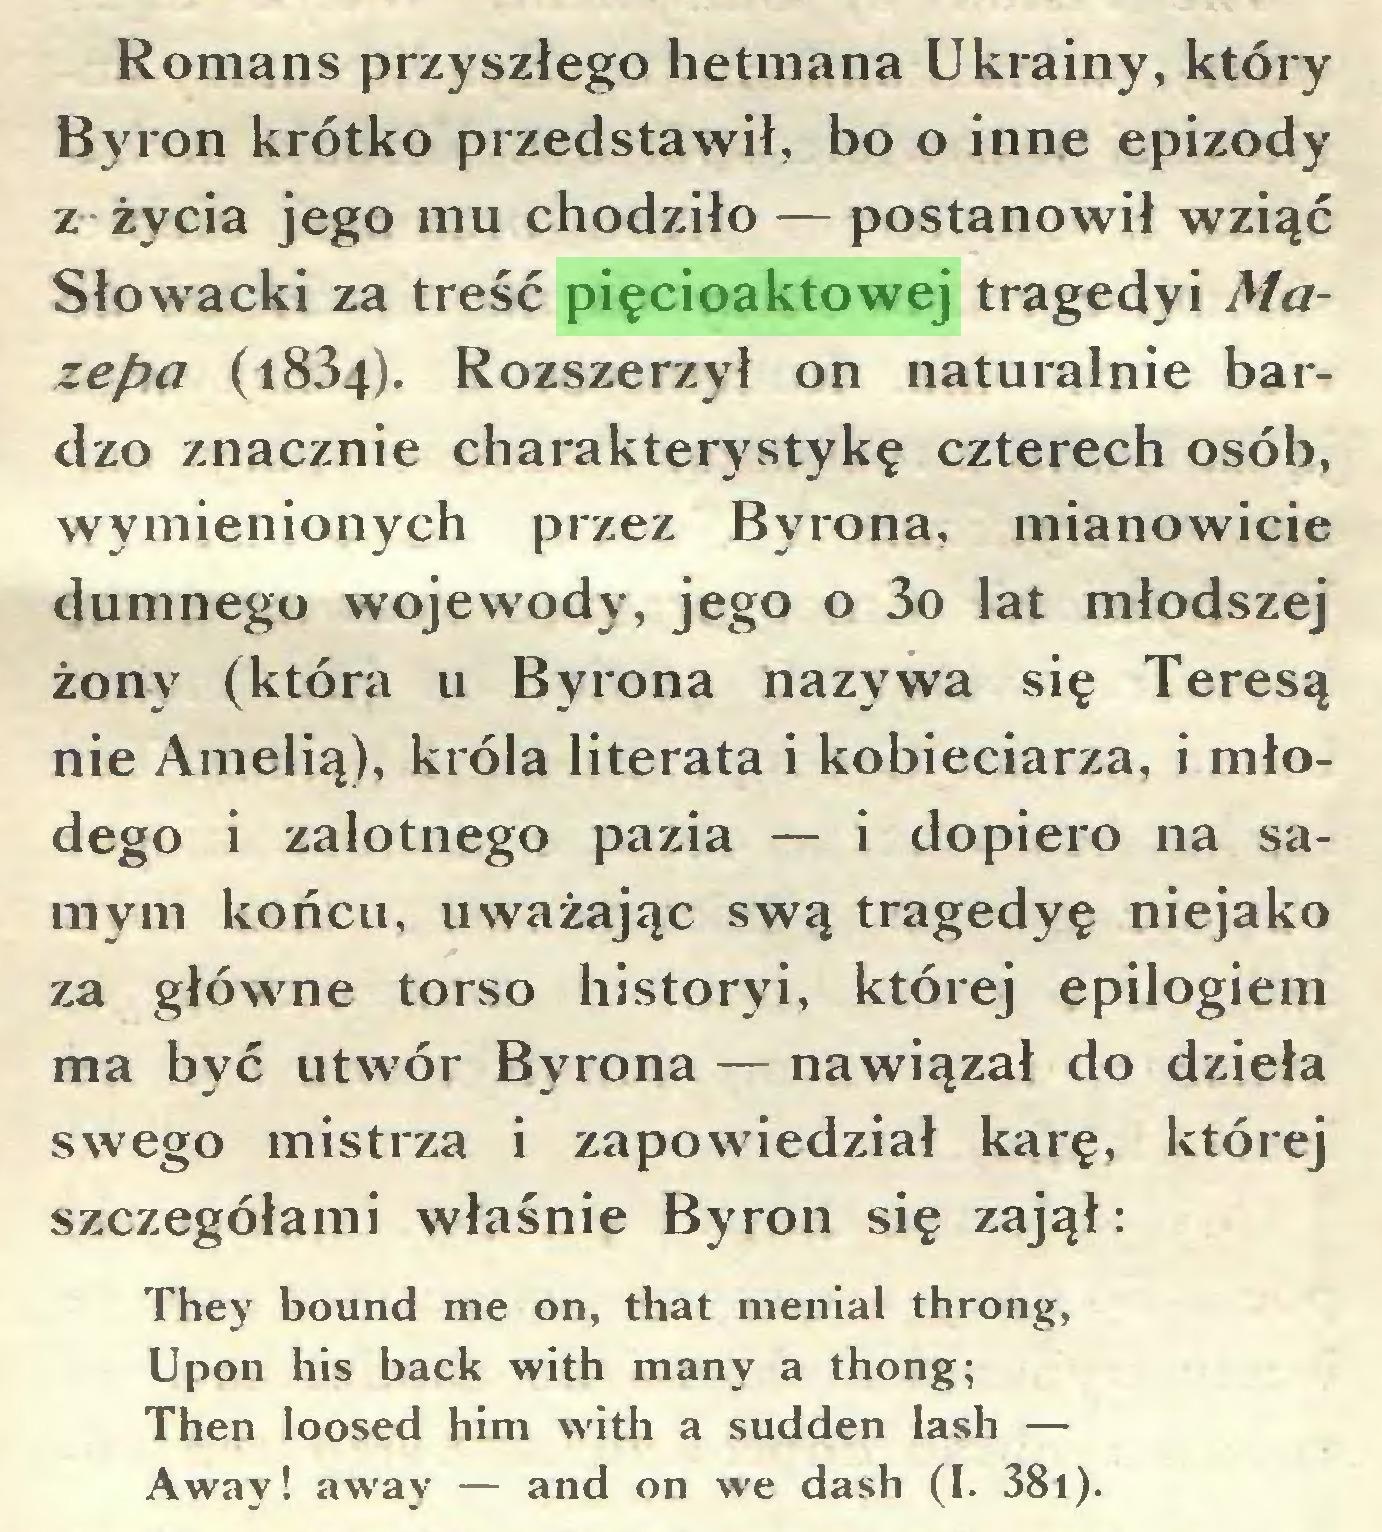 (...) Romans przyszłego hetmana Ukrainy, który Byron krótko przedstawił, bo o inne epizody z życia jego mu chodziło — postanowił wziąć Słowacki za treść pięcioaktowej tragedyi Mazepa (1834). Rozszerzył on naturalnie bardzo znacznie charakterystykę czterech osób, wymienionych przez Byrona, mianowicie dumnego wojewody, jego o 3o lat młodszej żony (która u Byrona nazywa się Teresą nie Amelią), króla literata i kobieciarza, i młodego i zalotnego pazia — i dopiero na samym końcu, uważając swą tragedyę niejako za główne torso historyi, której epilogiem ma być utwór Byrona — nawiązał do dzieła swego mistrza i zapowiedział karę, której szczegółami właśnie Byron się zajął: They bound me on, that menial throng, Upon his back with many a thong; Then loosed him with a sudden lash — Away! away — and on we dash (I. 381)...